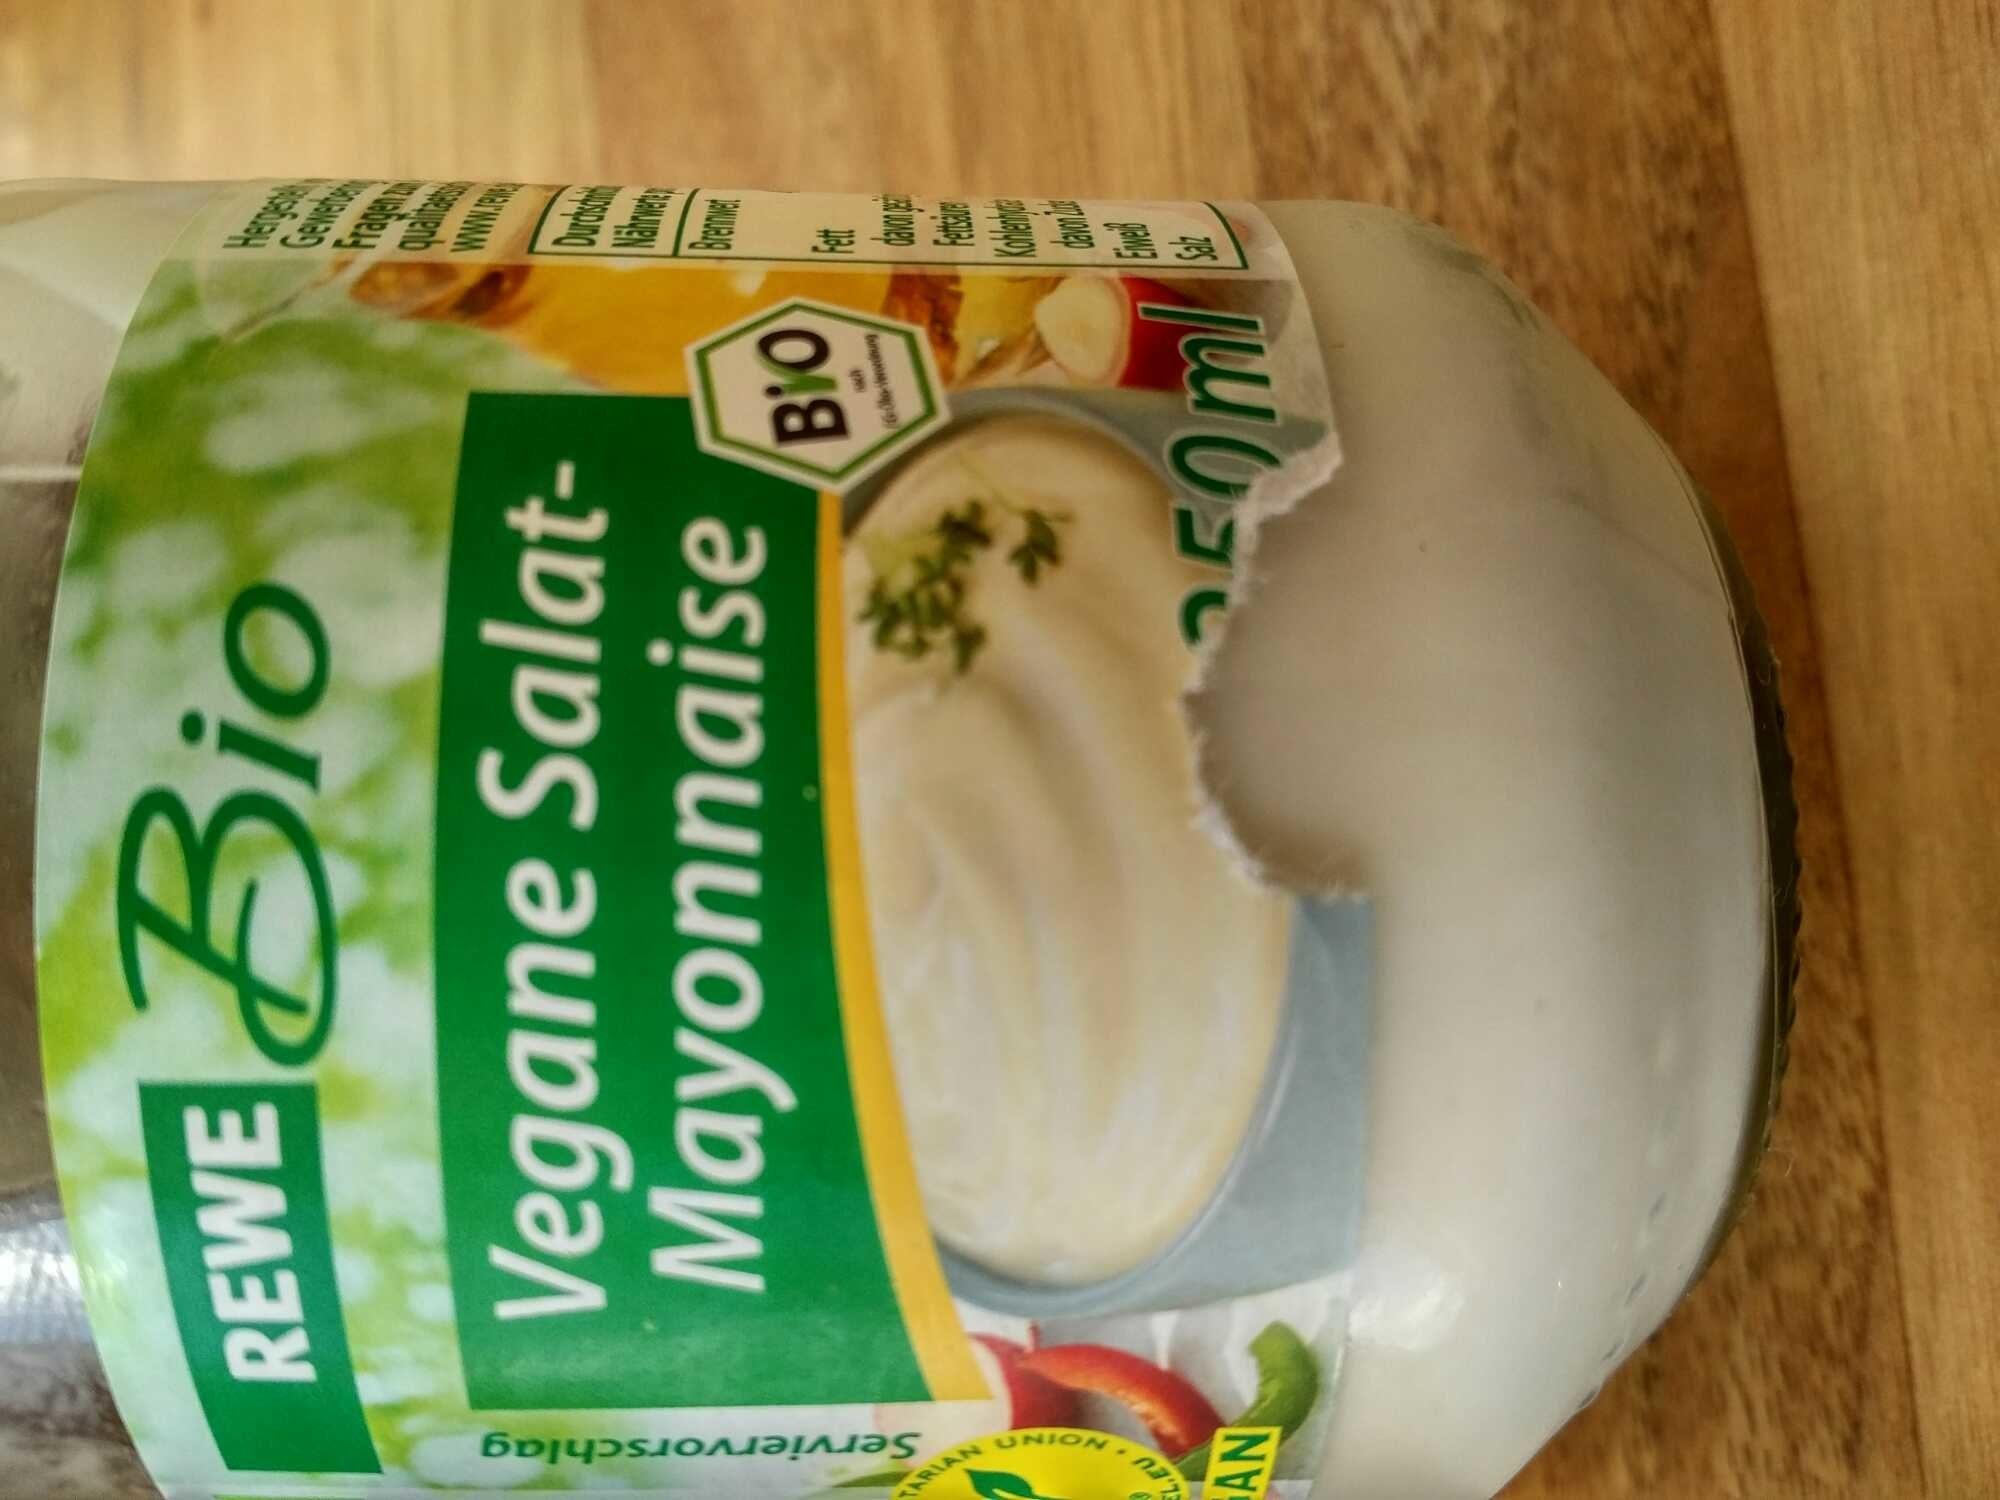 Vegane Salat-Mayonnaise - Produkt